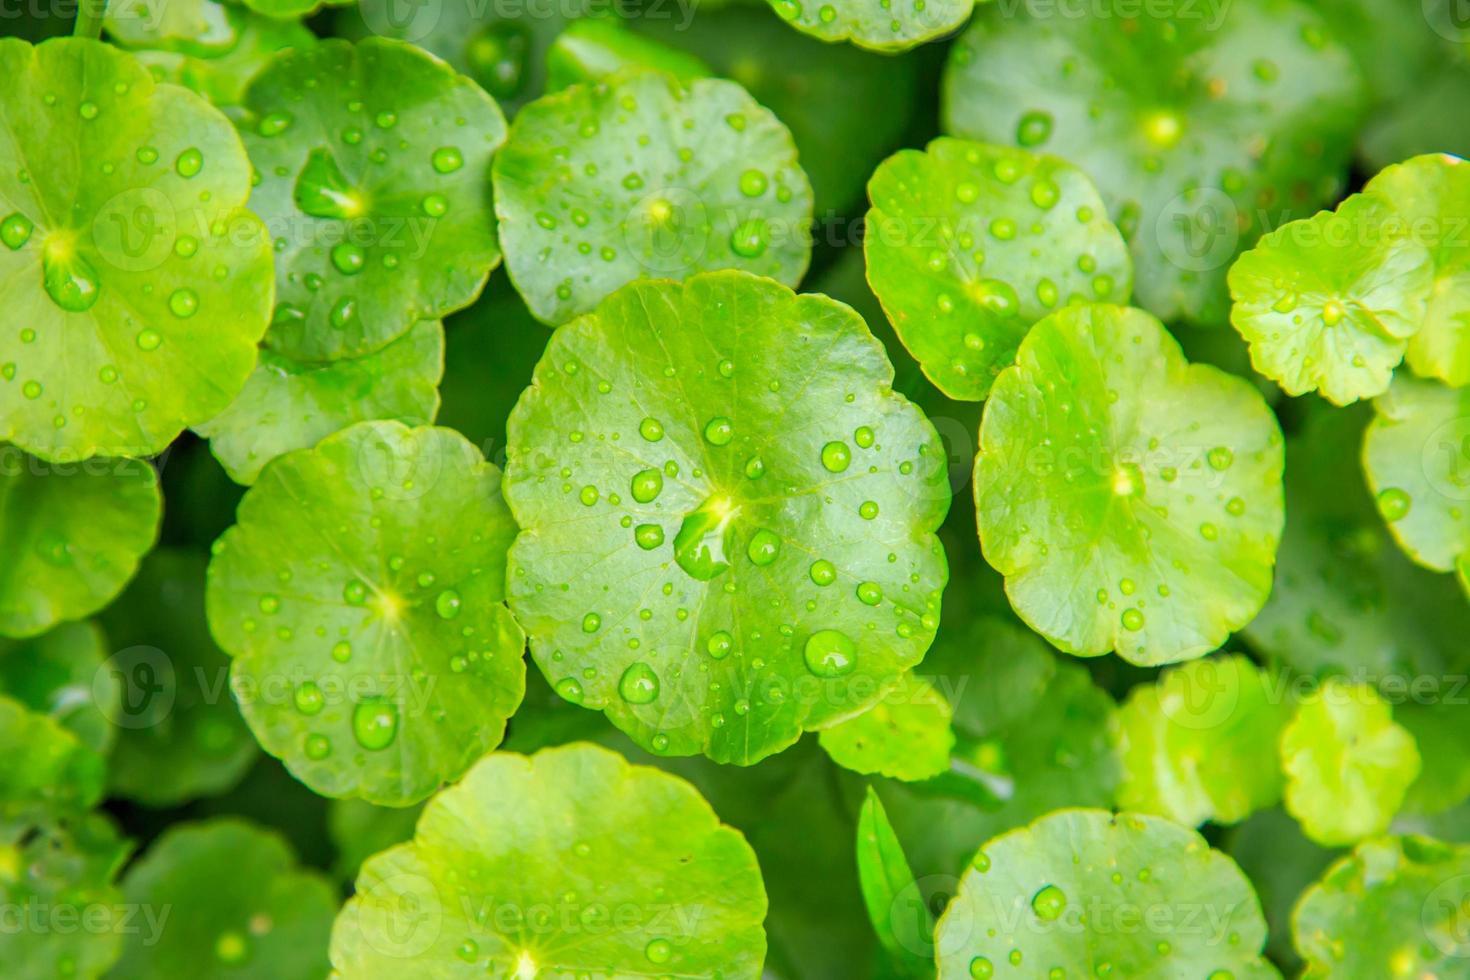 Green Penny Wort impianto vicino per sfondo naturale foto